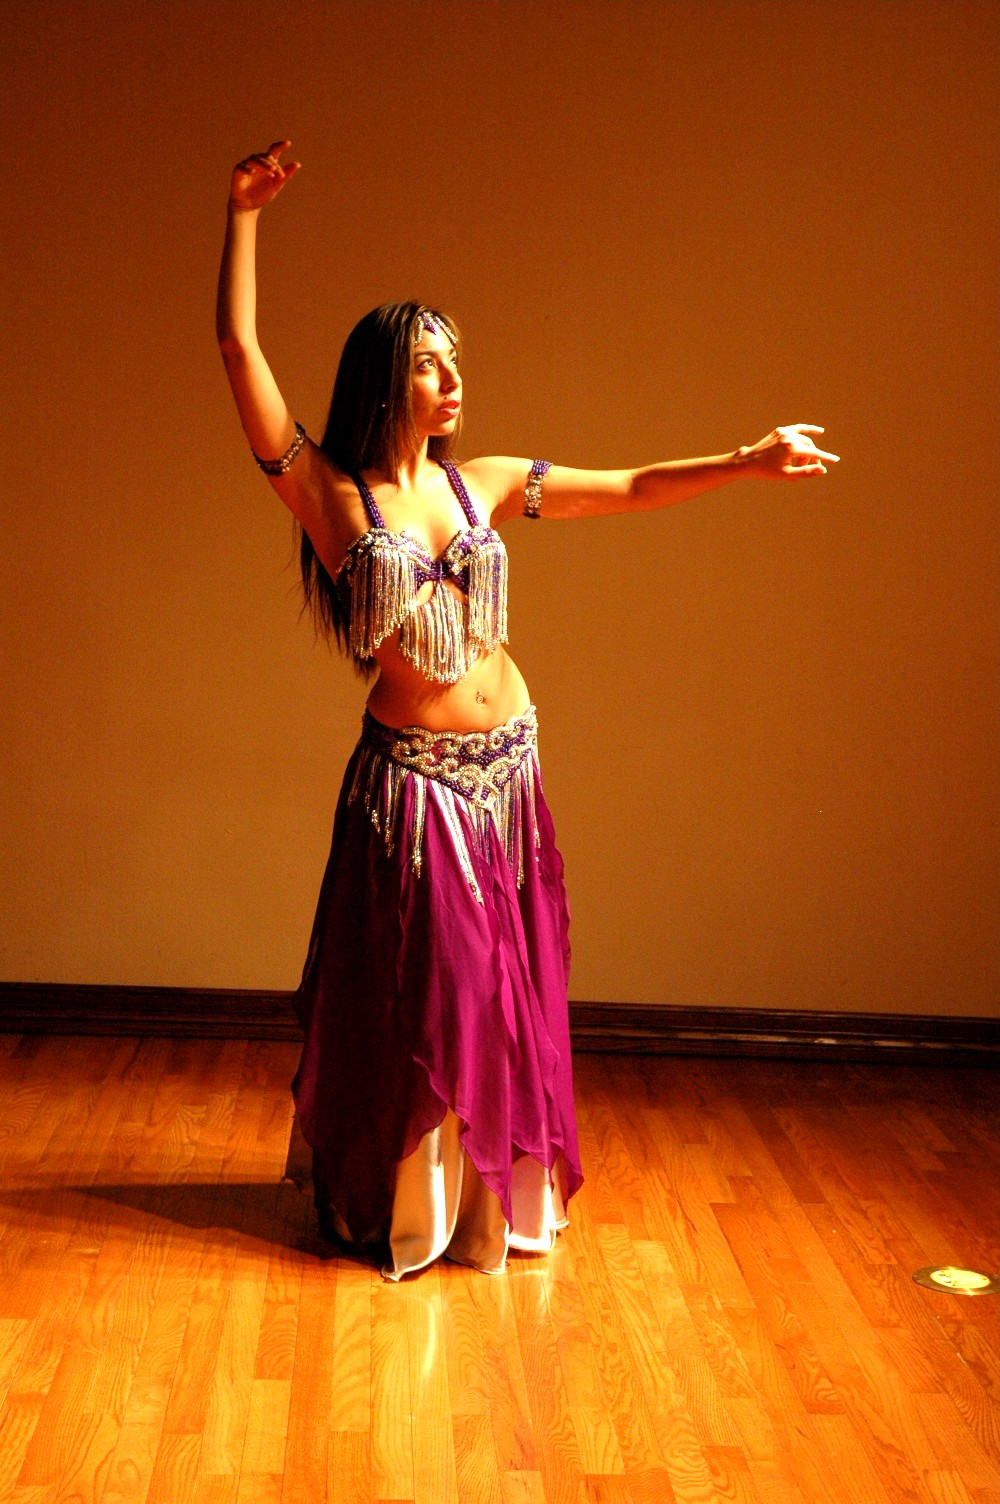 Egyptian dancer foto 38